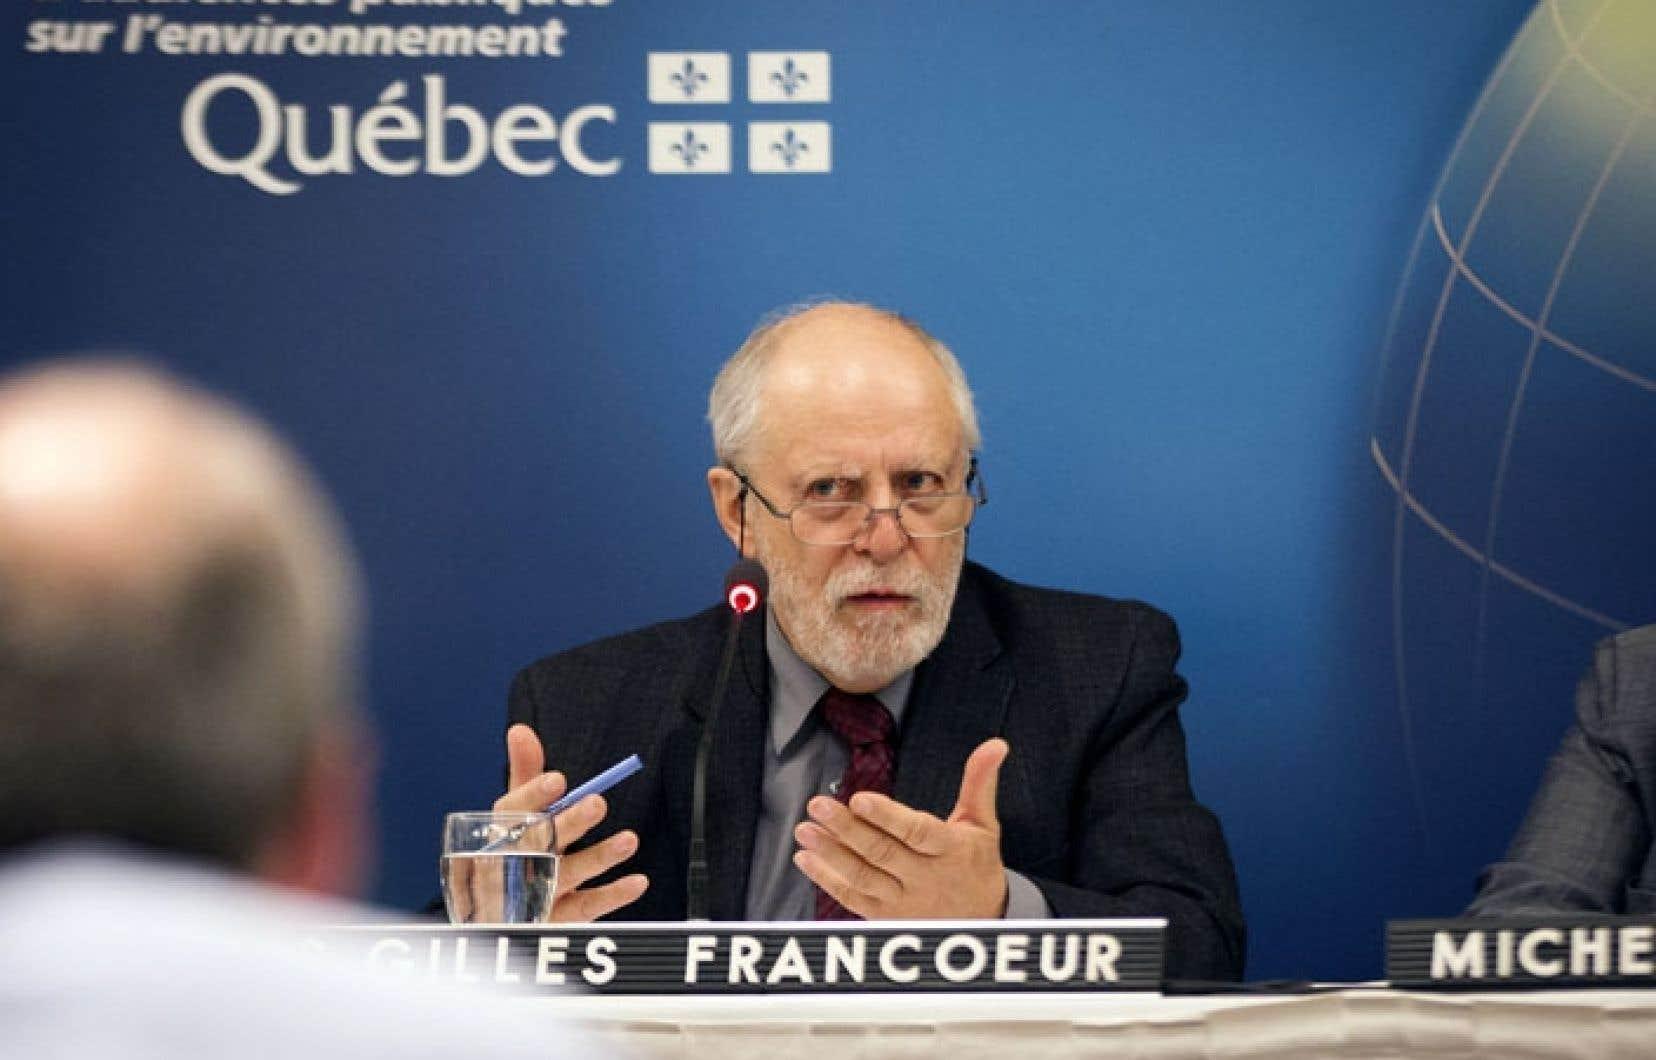 Le président de la commission sur les enjeux de la filière uranifère, Louis-Gilles Francœur